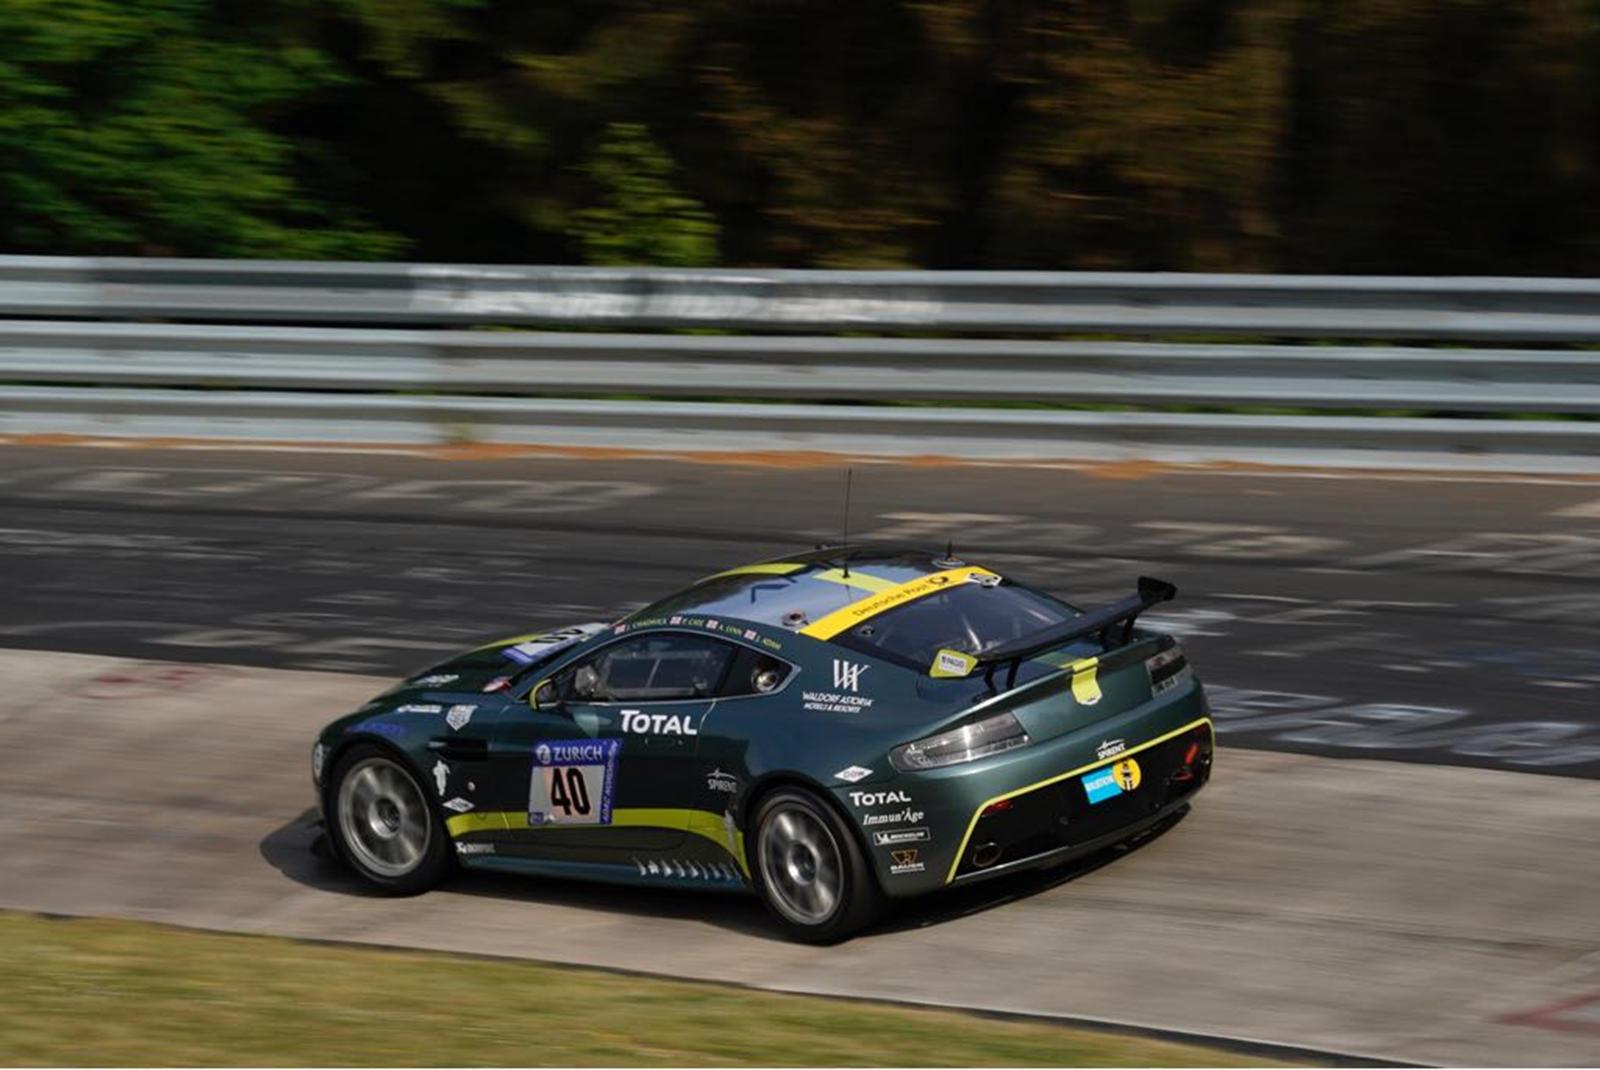 Vantage последнего поколения - не только один из самых красивых спортивных автомобилей, которые когда-либо строил Aston Martin, но и один из самых успешных гоночных автомобилей компании. Чтобы отпраздновать свой успех на треке, Aston Martin запускает